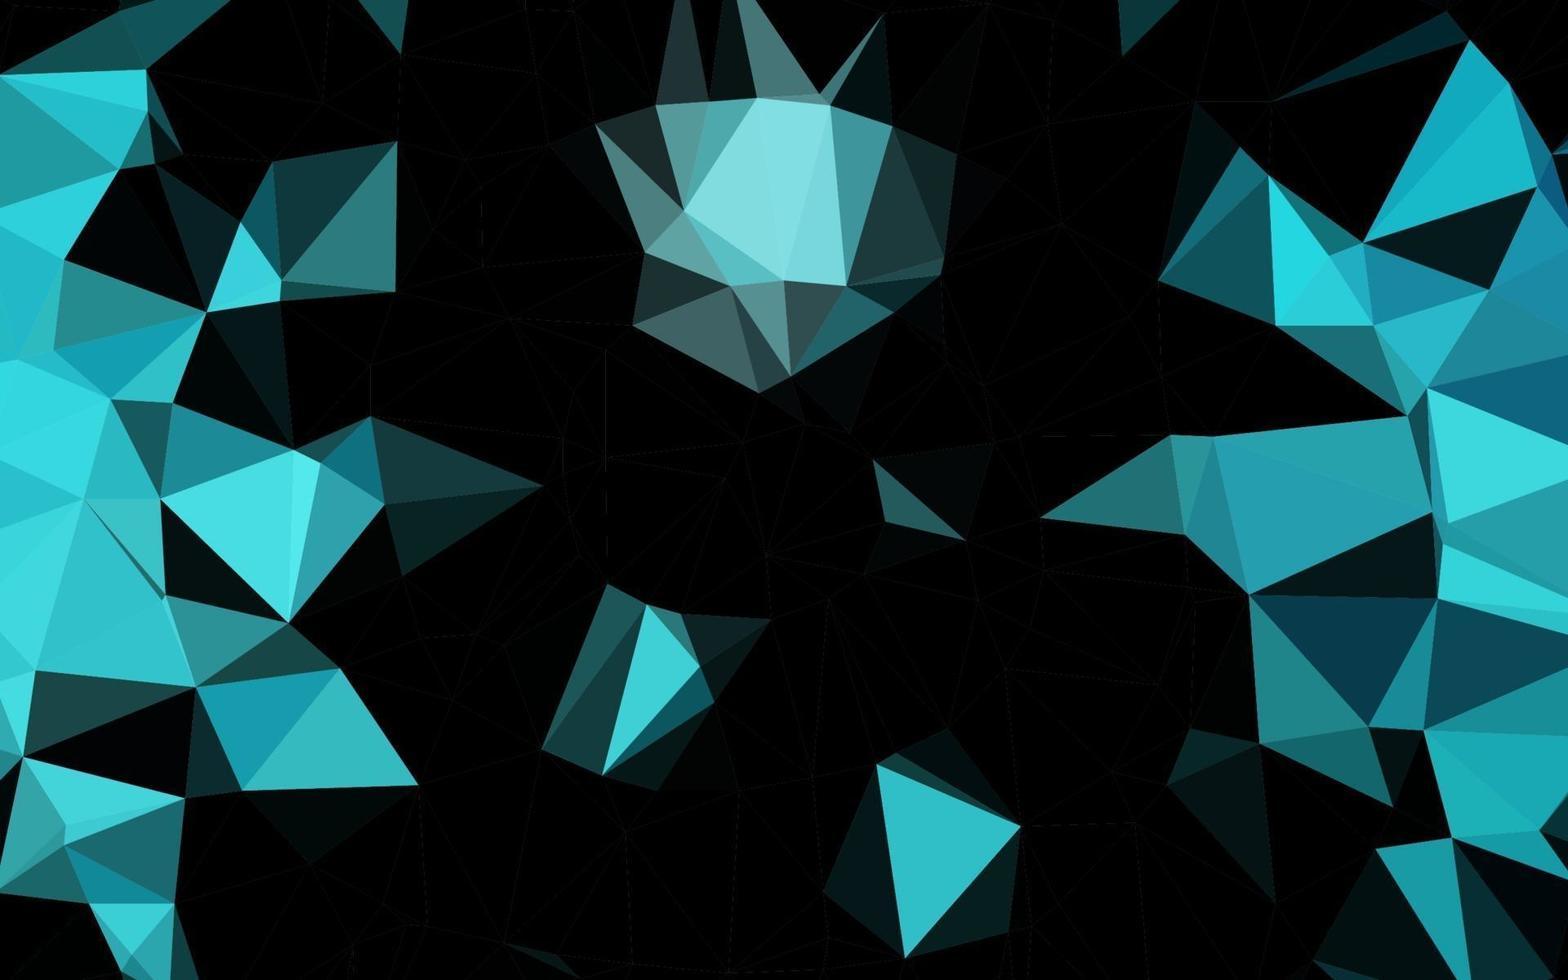 luz azul vetor brilhando fundo triangular.